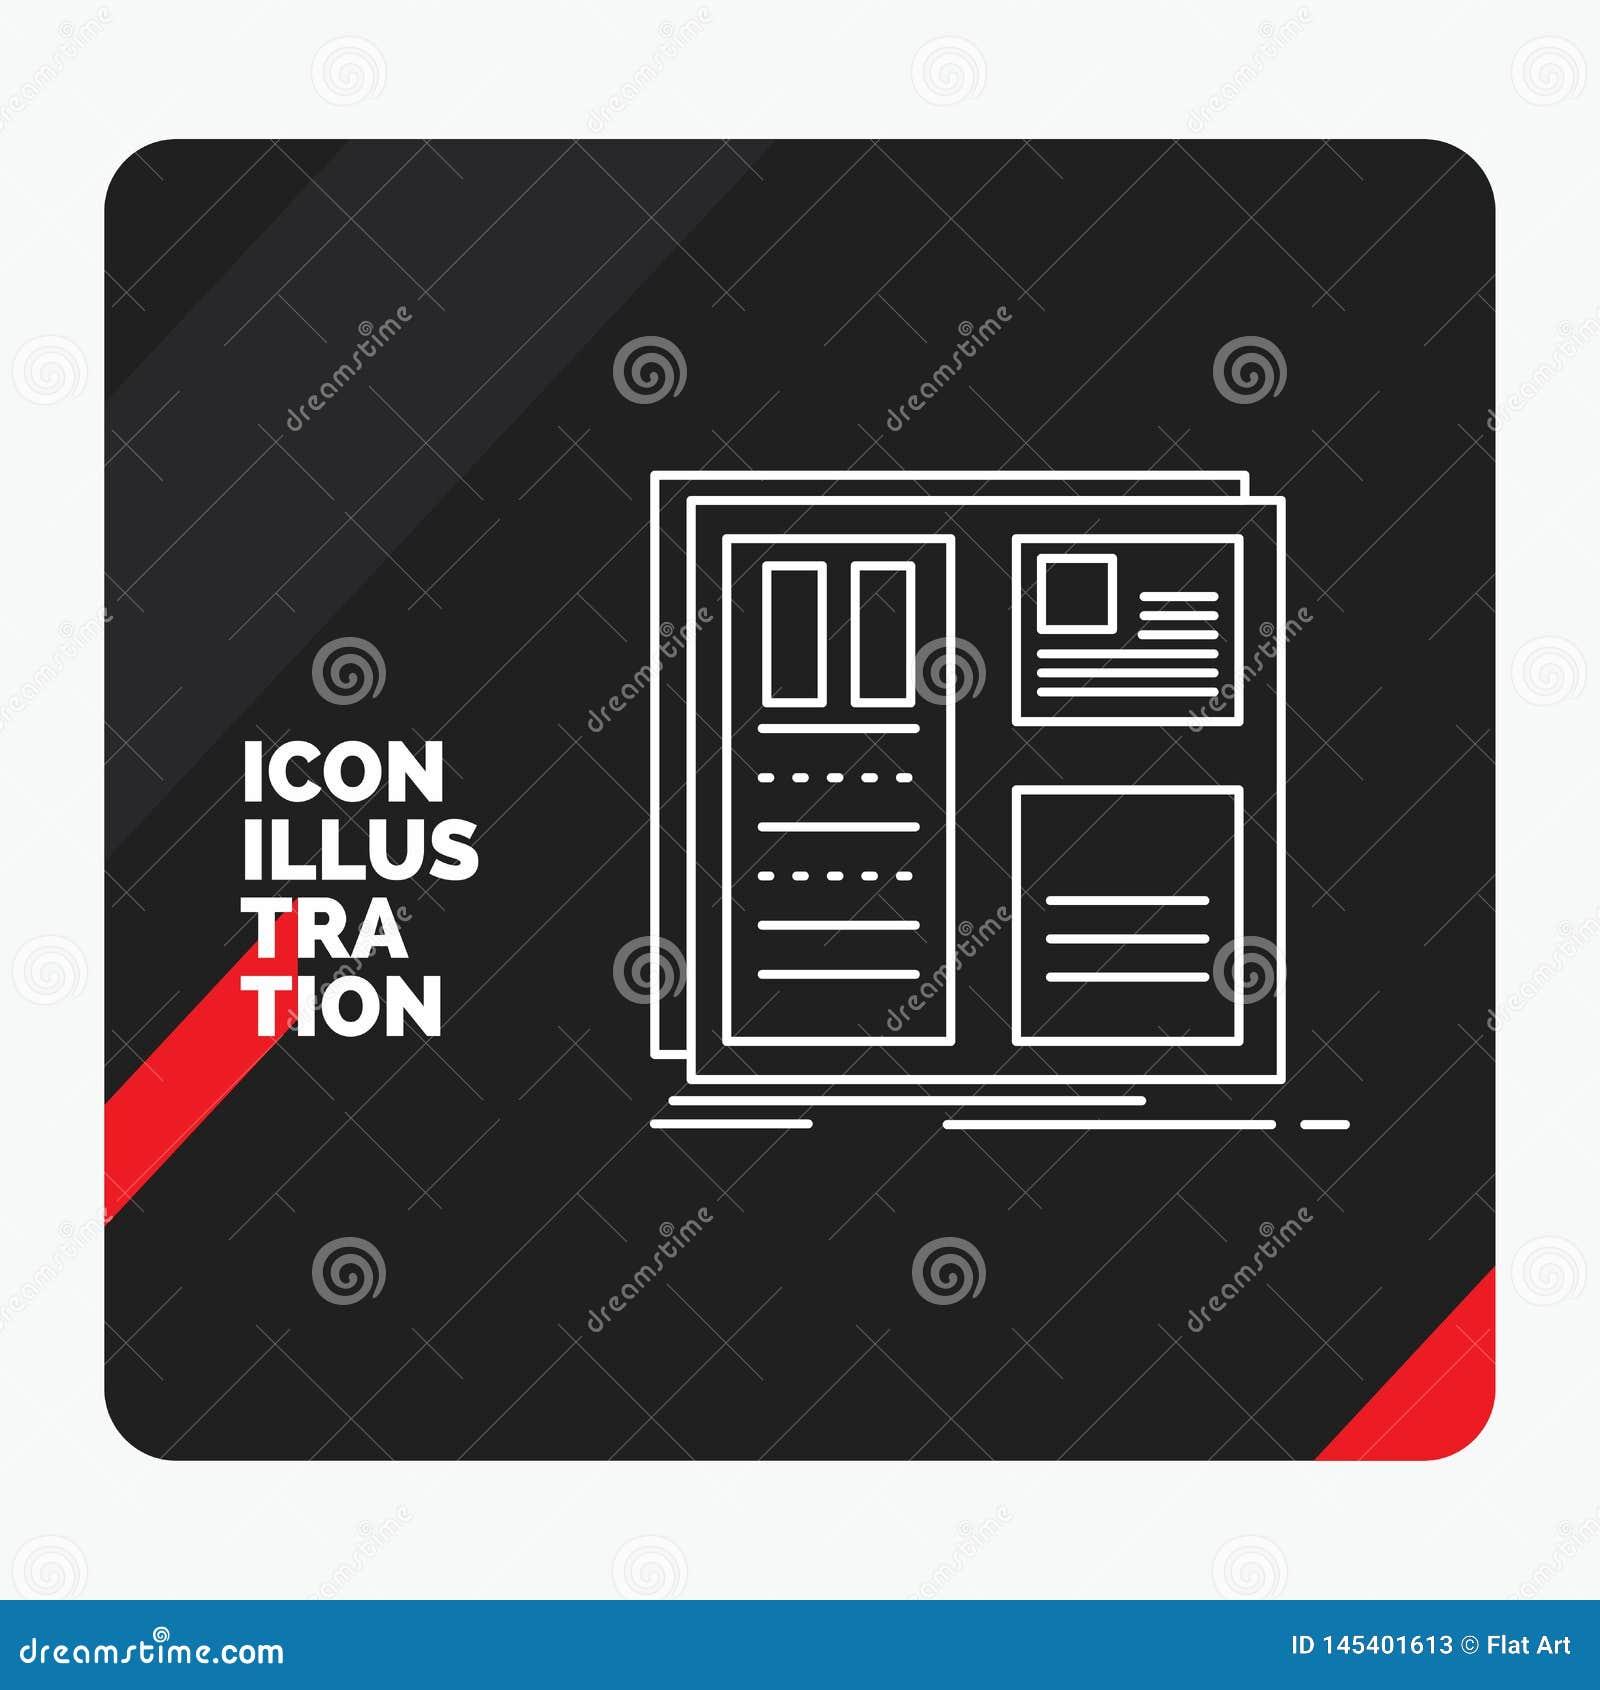 Roter und schwarzer kreativer Darstellung Hintergrund für Entwurf, Gitter, Schnittstelle, Plan, ui Linie Ikone